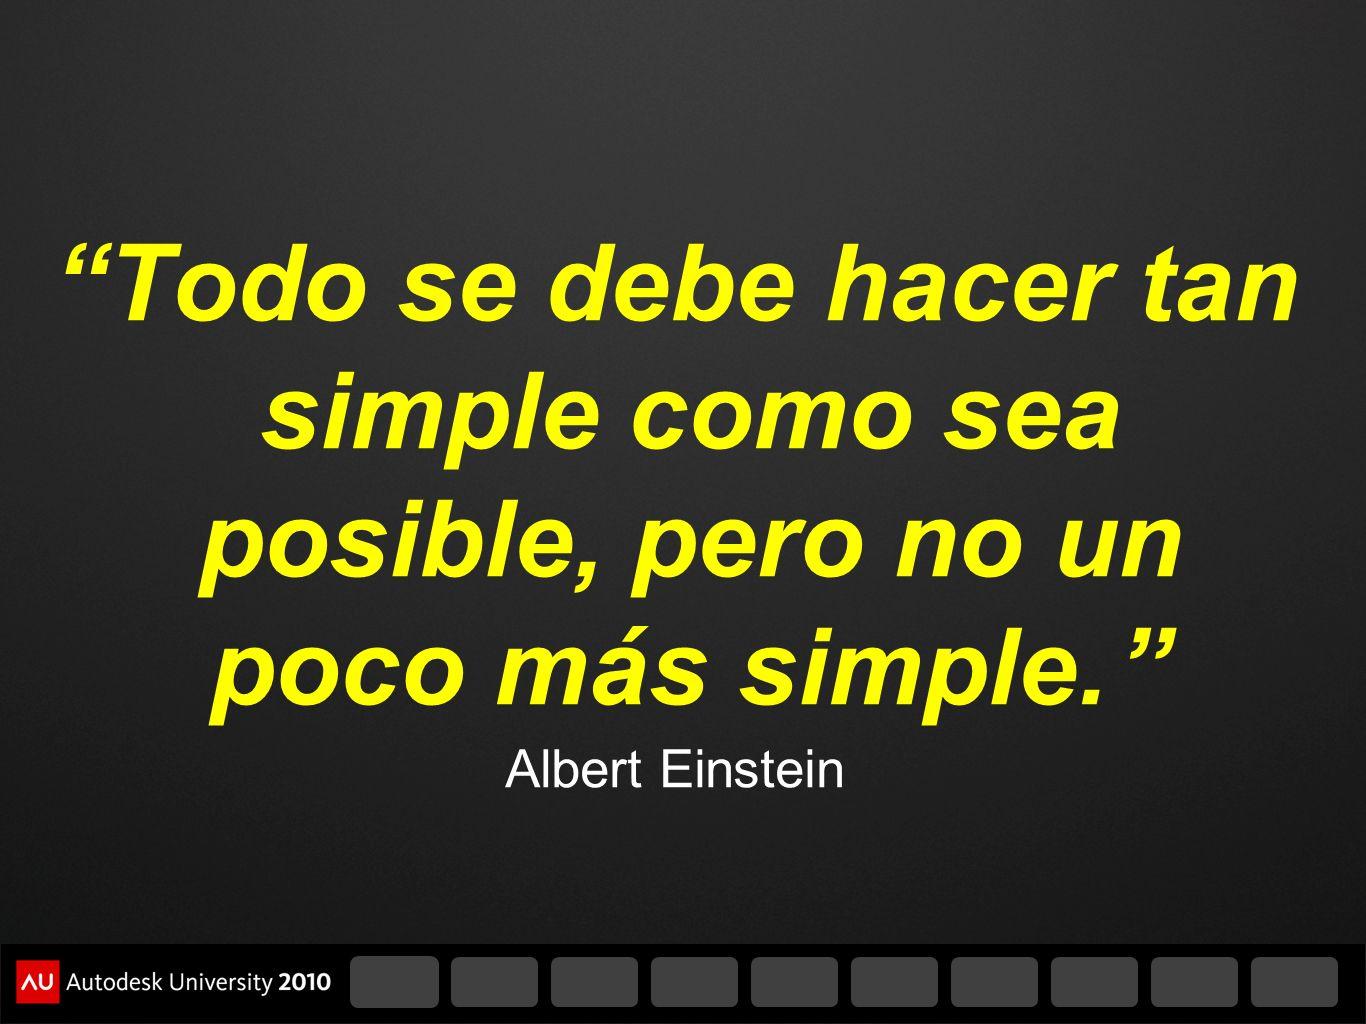 Todo se debe hacer tan simple como sea posible, pero no un poco más simple. Albert Einstein